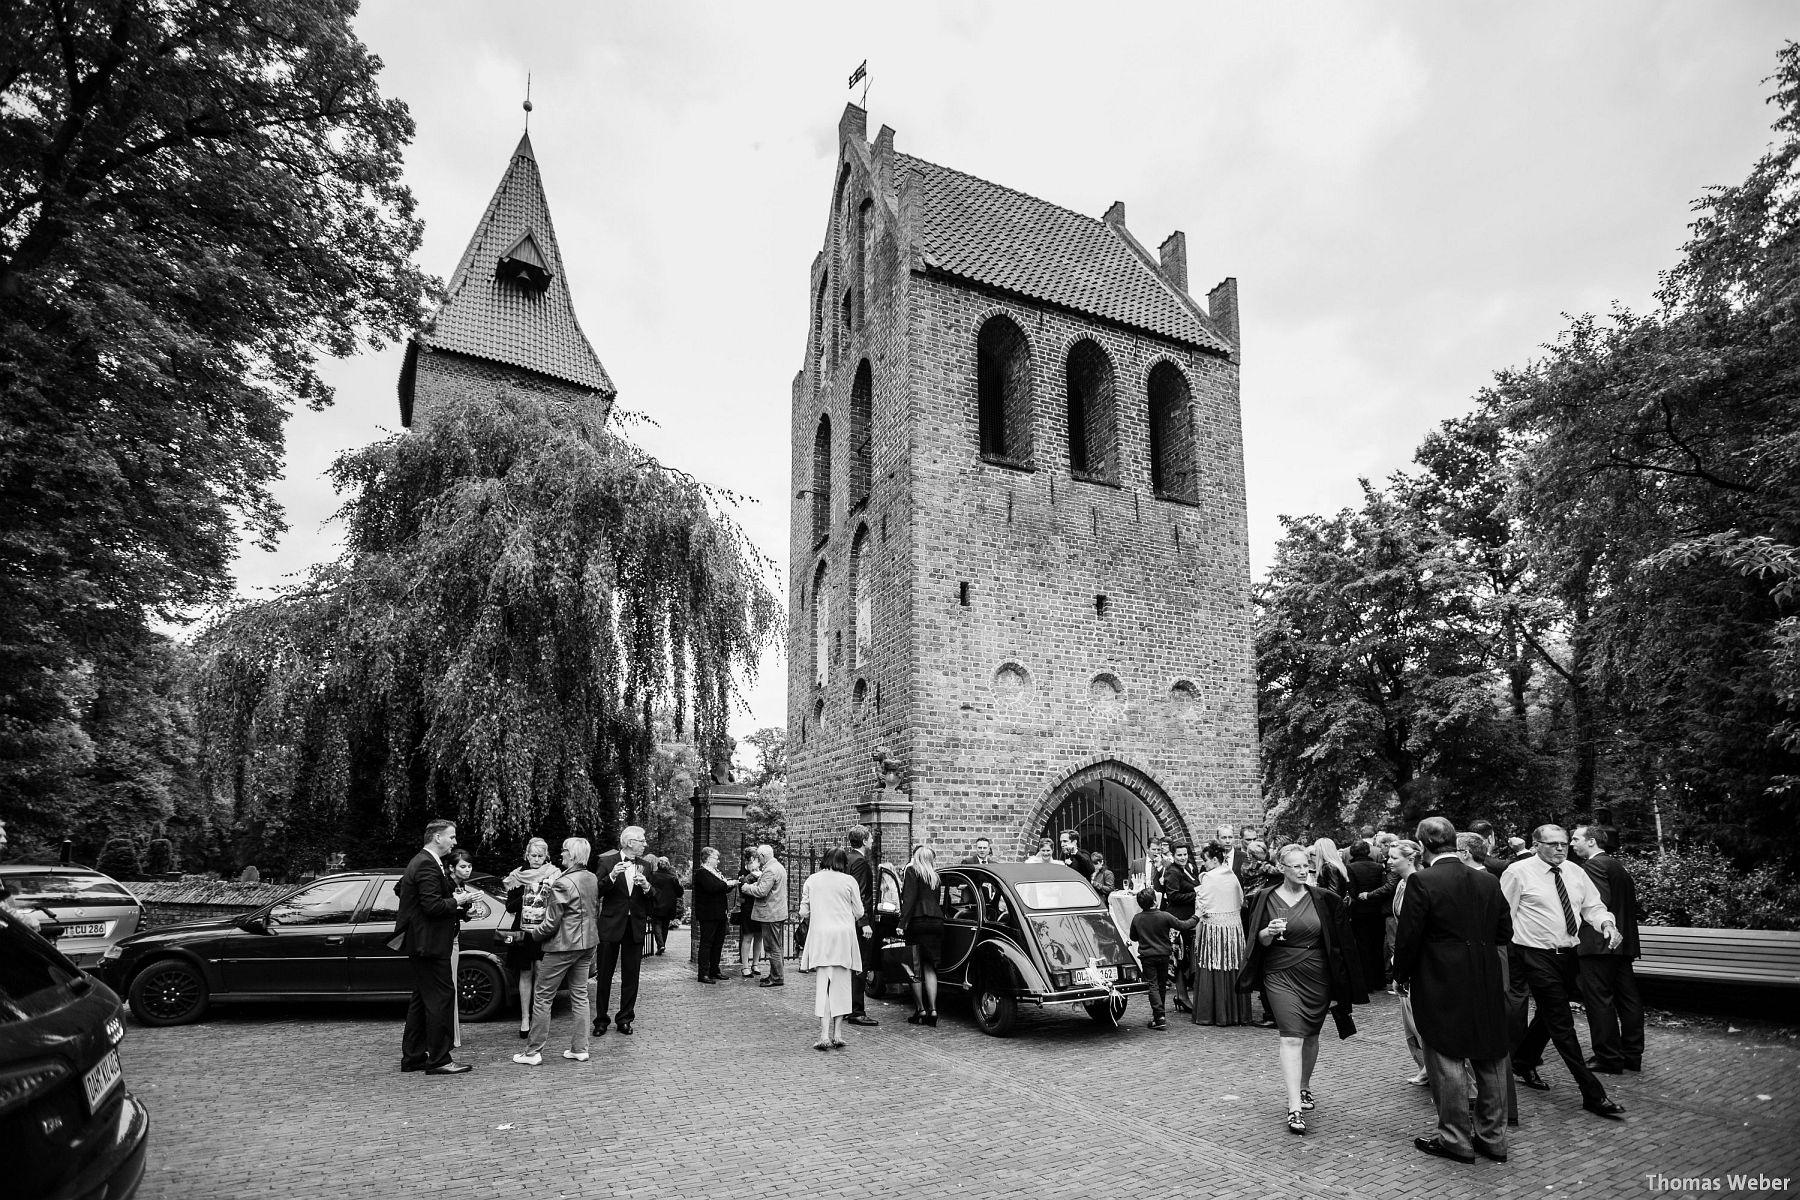 Hochzeitsfotograf Rastede: Kirchliche Trauung in der St. Ulrichs Kirche Rastede und Hochzeitsfeier in der Eventscheune St Georg Rastede mit dem Catering von Split Food (Michael Niebuhr) aus Oldenburg (33)